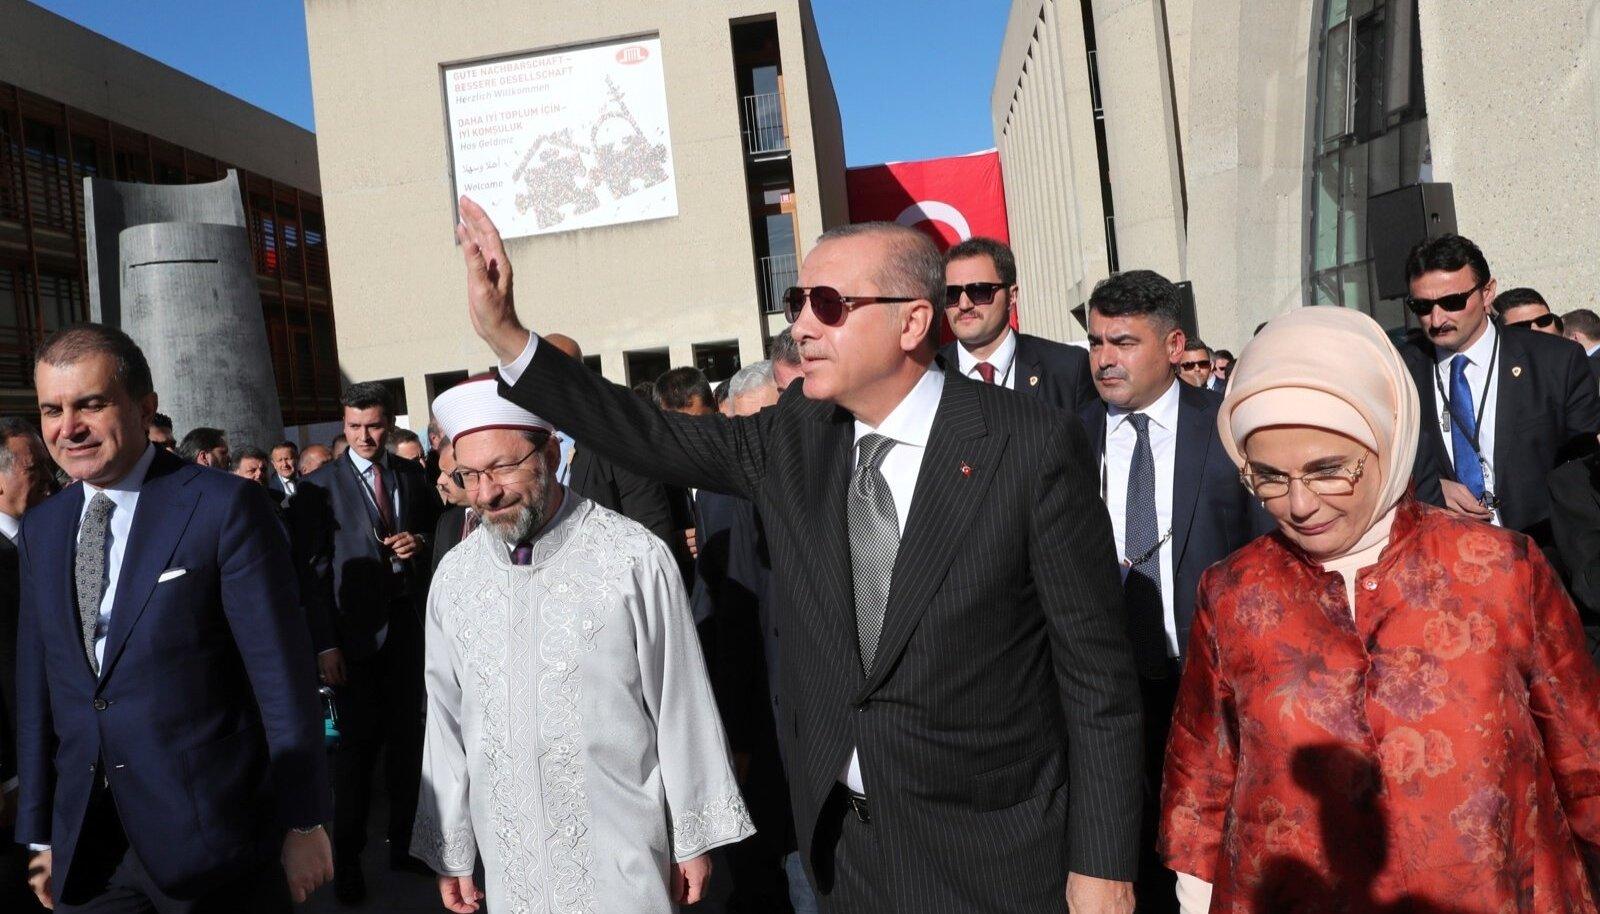 EBAVIISAKAS KÜLALINE: Saksamaal saabunud Recep Tayyip Erdoğan esitas Saksamaale rangeid nõudmisi. Pildil koos abikaasa Eminega.